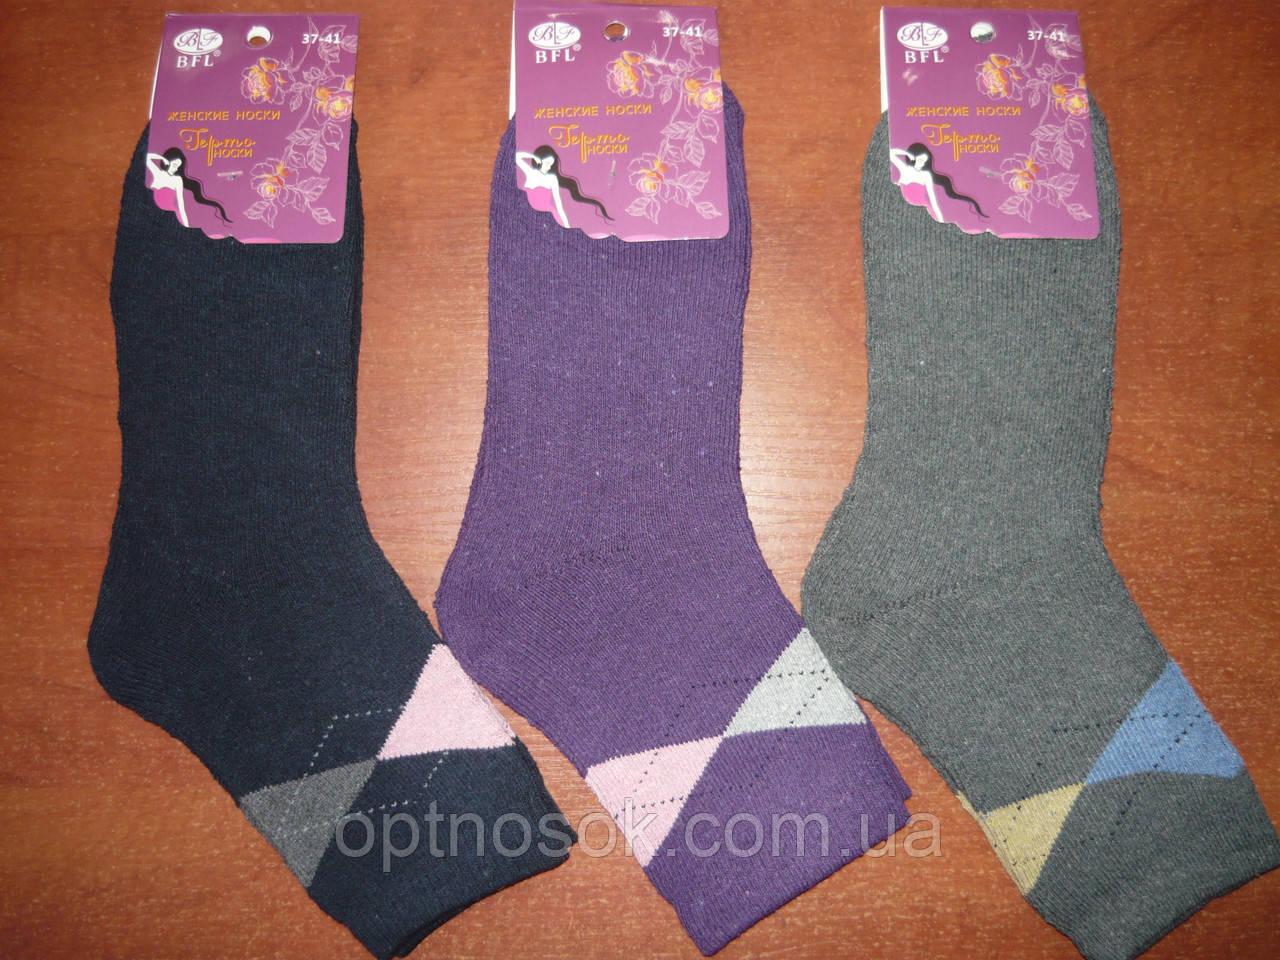 """Шкарпетки махрові жіночі """"BFL"""".р.37-41."""